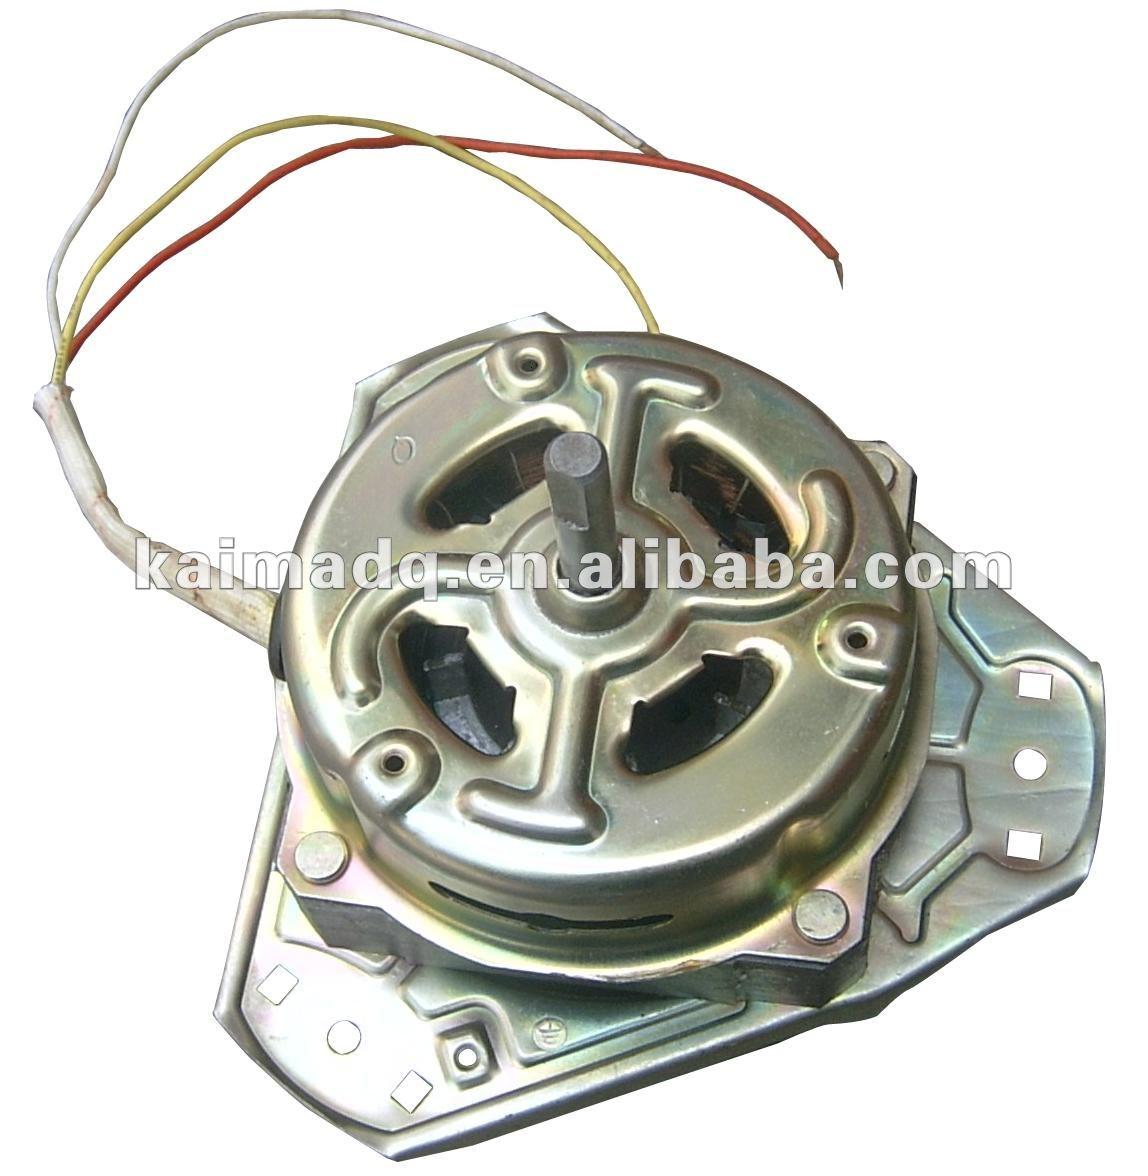 Finden Sie Hohe Qualitt Wscheschleuder Motor Hersteller Und Dryer Wiring Diagram 220 Auf Alibabacom